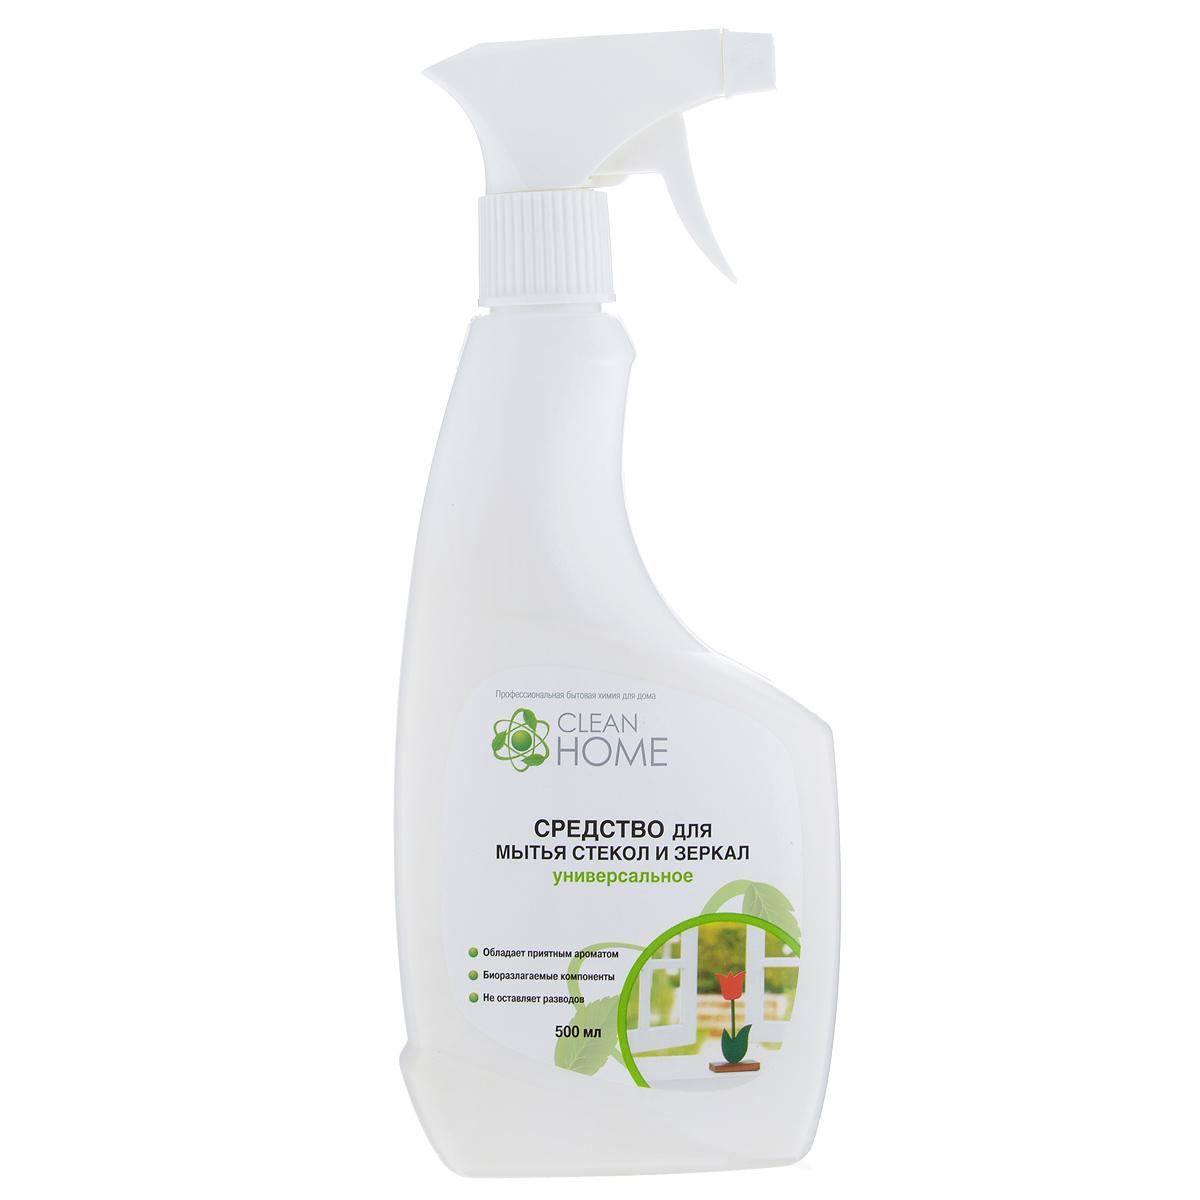 Средство Clean Home, для мытья стекол и зеркал, 500 мл433Эффективное чистящее средство Clean Home предназначено для мытья окон, зеркал, изделий из стекла, хрусталя, фарфора, а также стекол автомобилей. Легко удаляет копоть, пыль и грязь. Введенная в состав новая запатентованная полимерная добавка улучшает стекание воды, стекло быстрее высыхает без пятен и разводов. Она также предотвращает повторное осаждение грязи. Образующаяся на поверхности стекла пленка устойчива к смыванию и обладает длительным защитным эффектом, что позволяет мыть окна и зеркала в два раза реже, чем обычно. Линия профессиональной бытовой химии для дома Clean Home представлена гаммой средств для стирки и уборки дома. Clean Home - это весь необходимый ряд высокоэффективных универсальных средств европейского качества. Состав: вода, изопропанол, менее 5% НПАВ, функциональные добавки, ароматизатор.